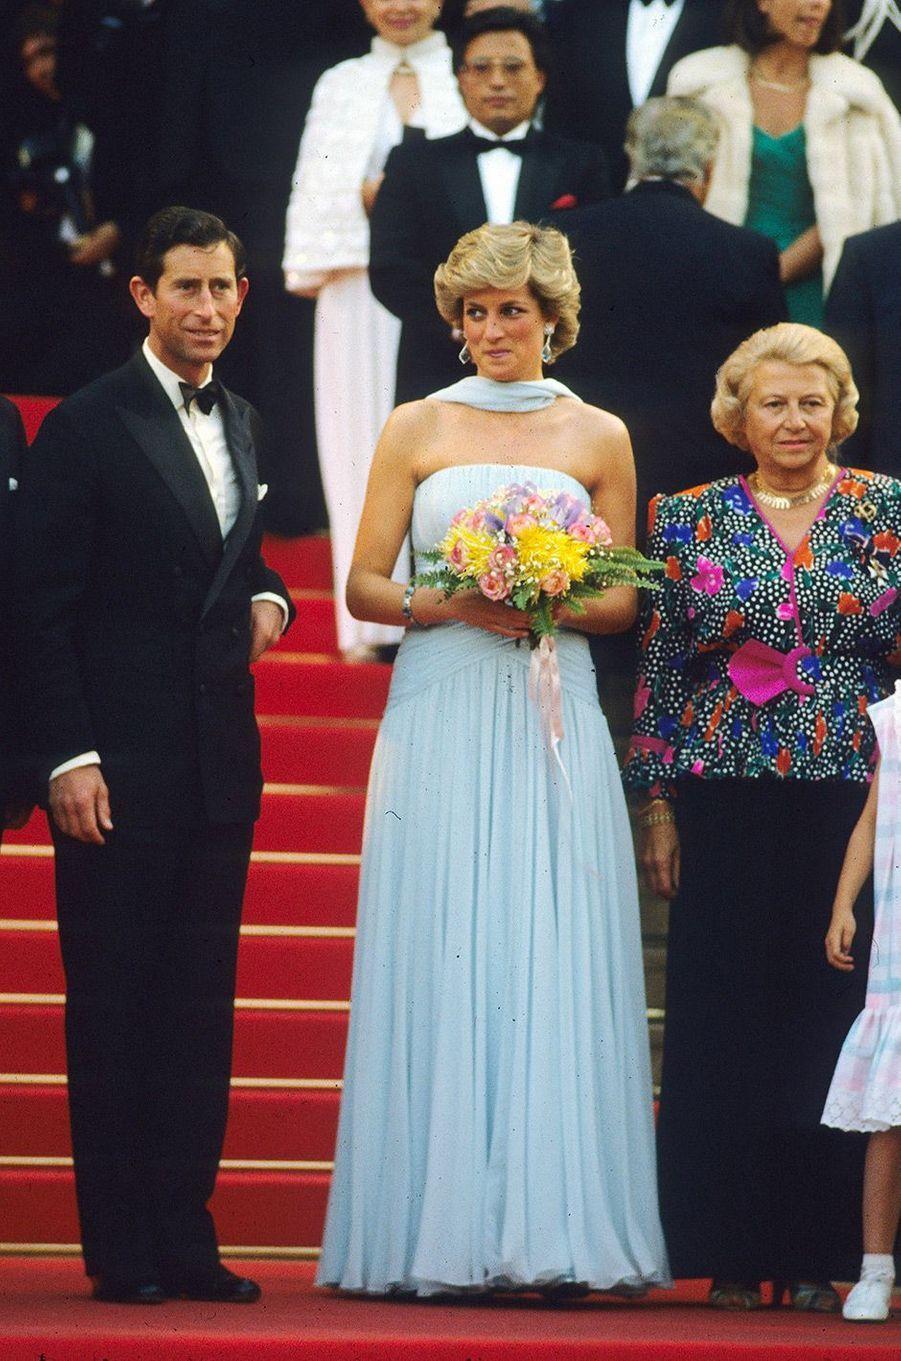 Festival de Cannes 1987: La montée des marches de Lady DianaLe Festival de Cannes à l'accent anglais. Le 16 mai 1987, Lady Di, accompagnée du prince Charles, monte les marches du Palais des Festivals dans une robe bleue ciel (signée Catherine Walker). Un véritable événement.